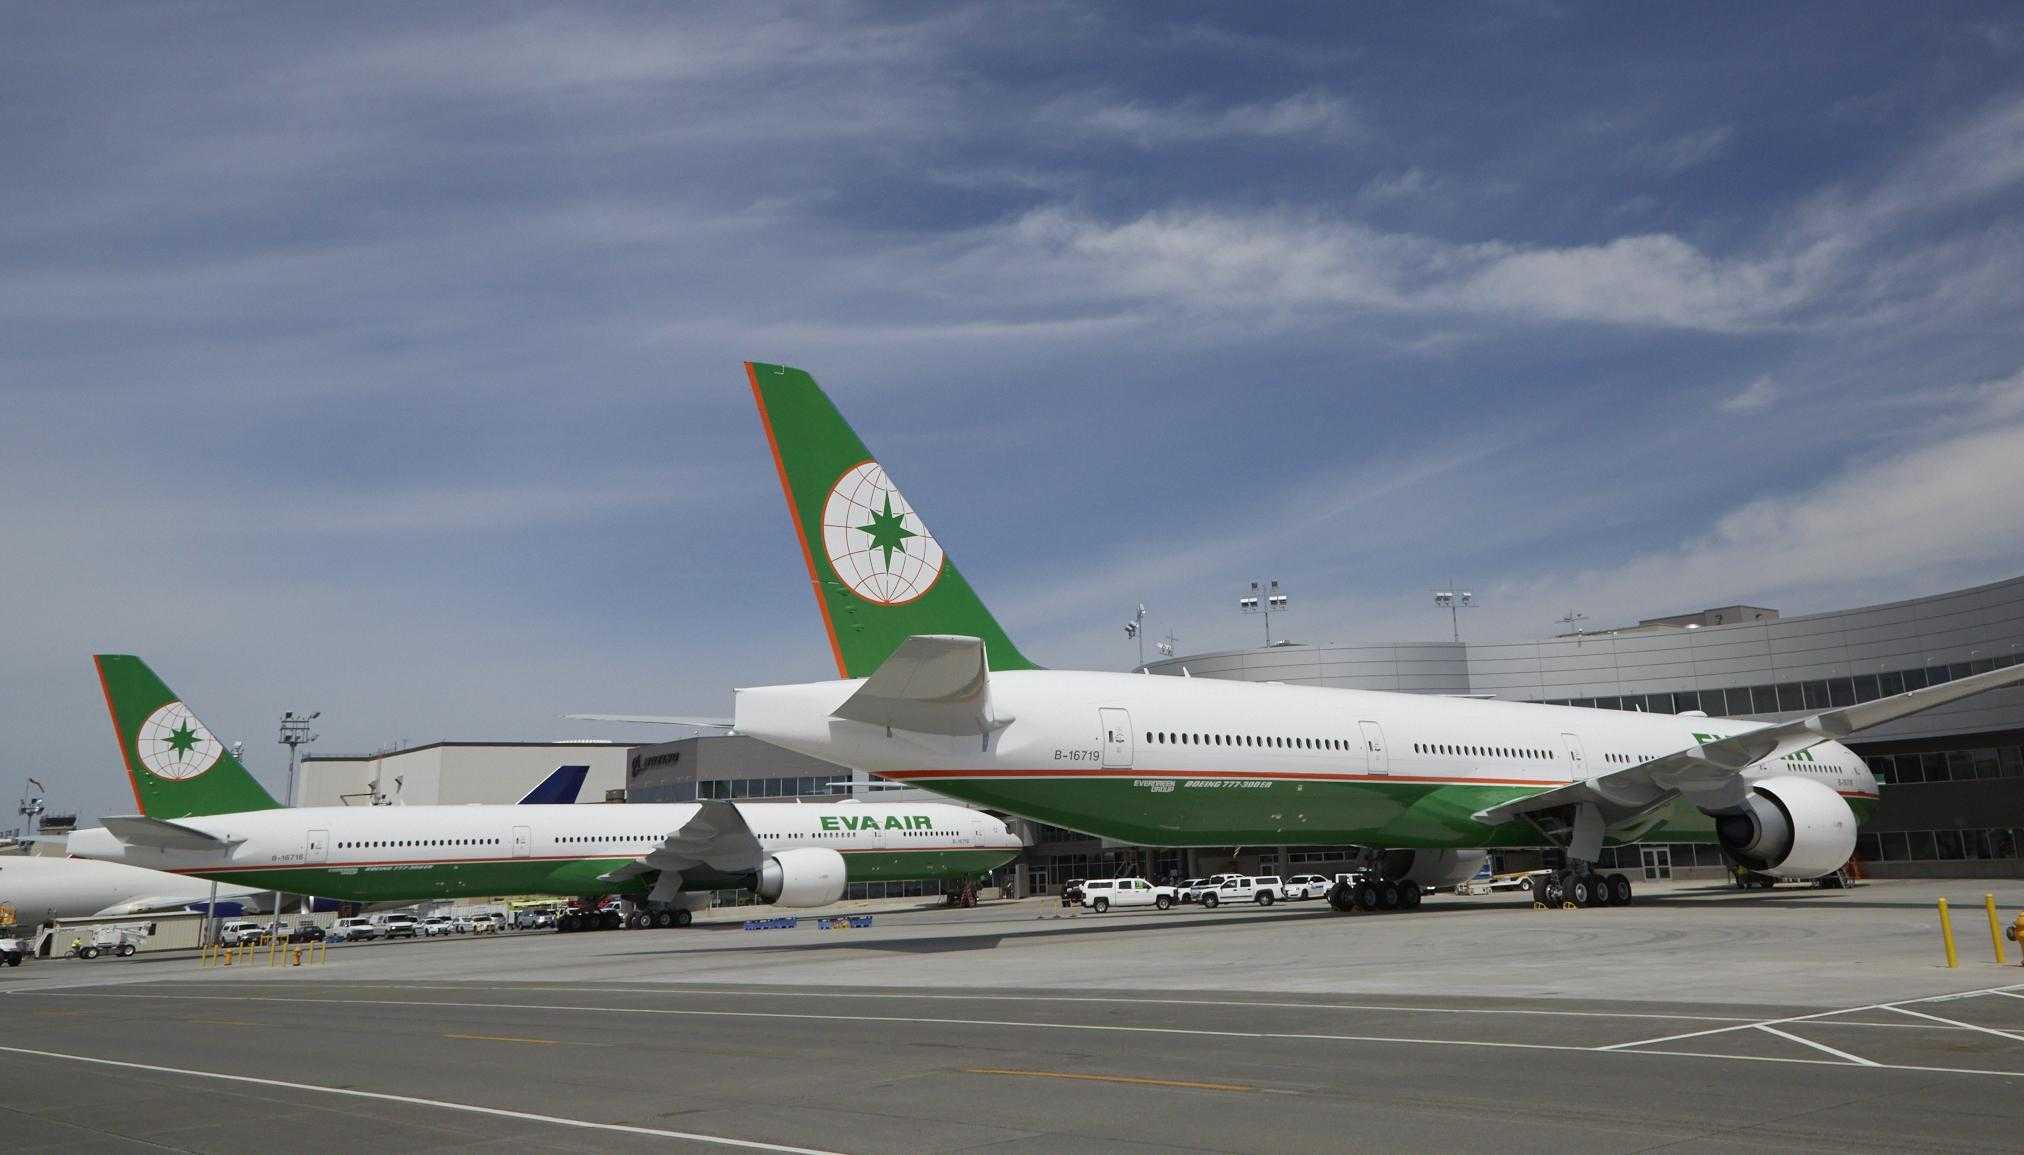 EVA Air 777-300ER